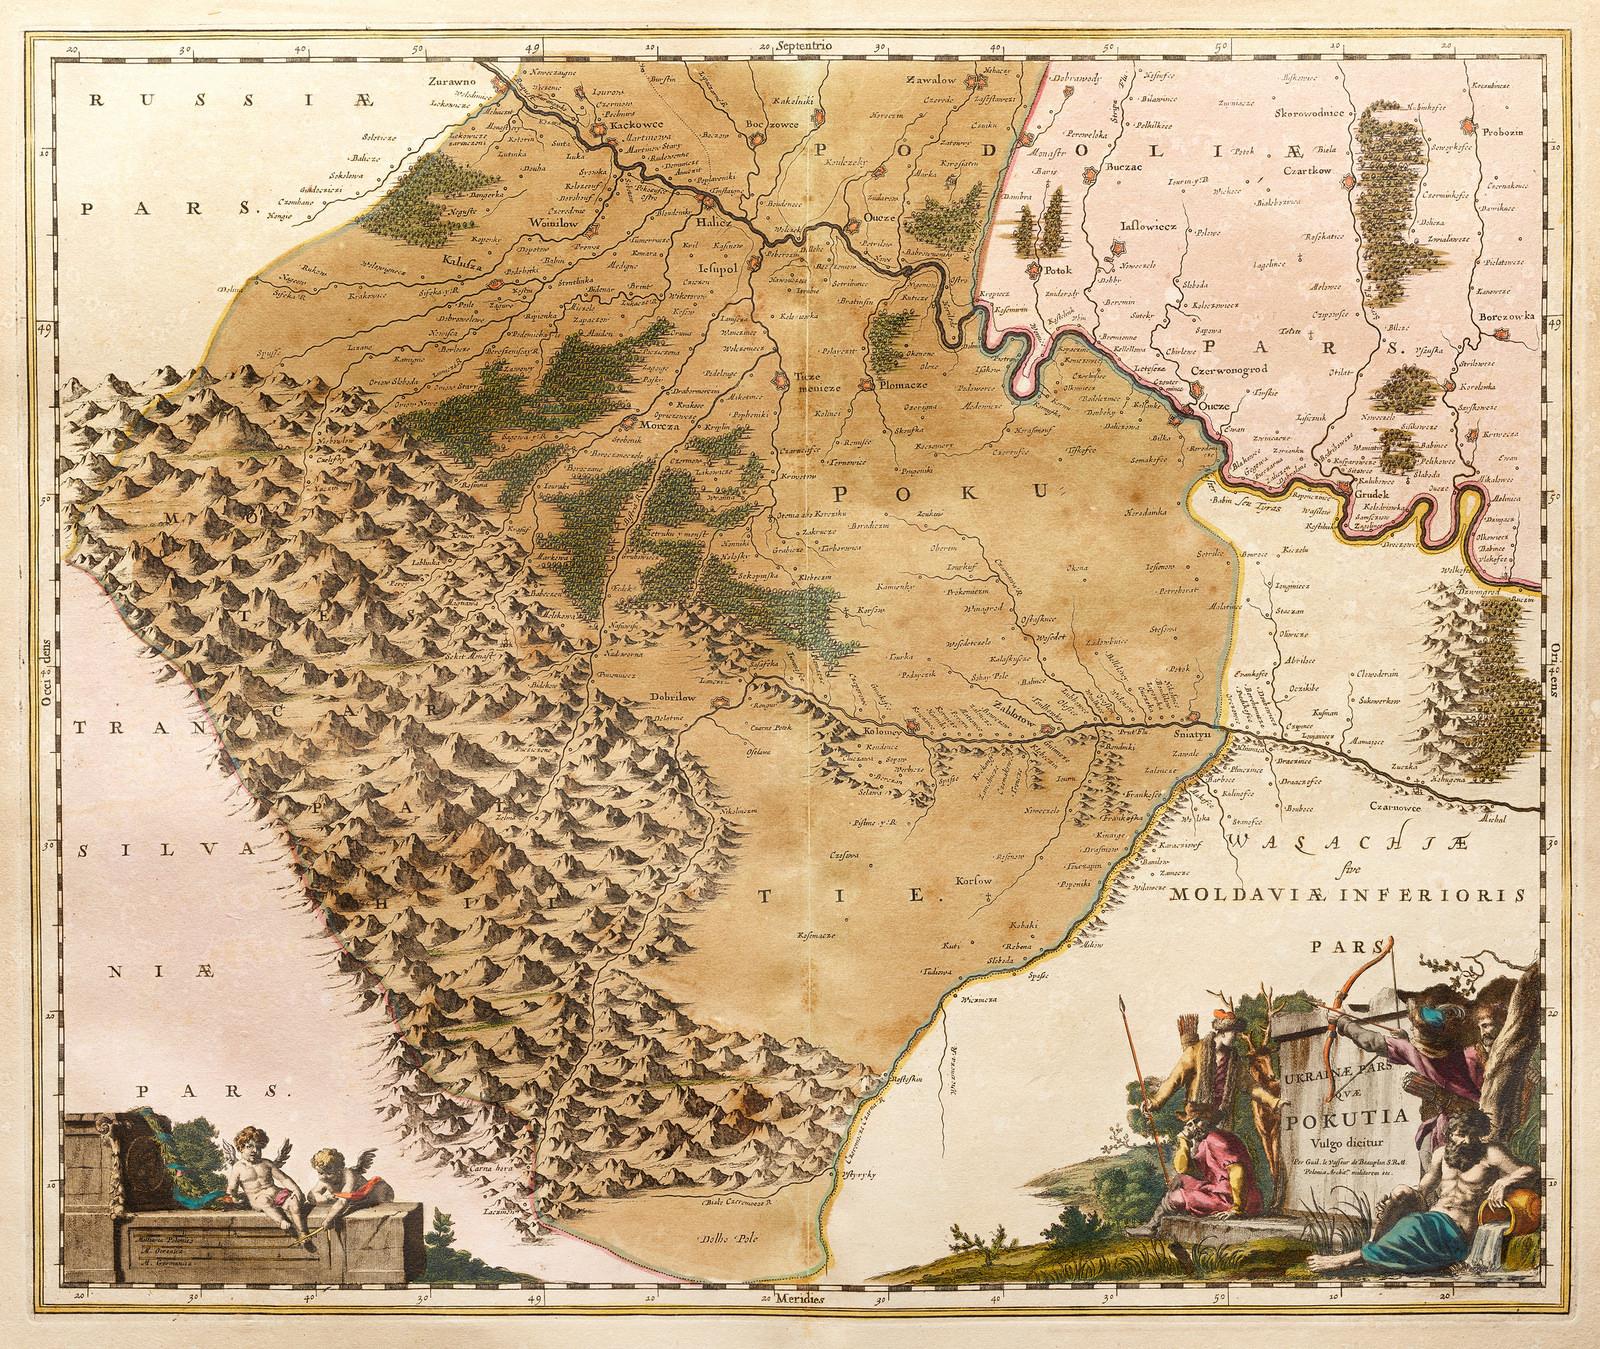 Ukrainae pars qvae Pokutia Palatinatus 1670